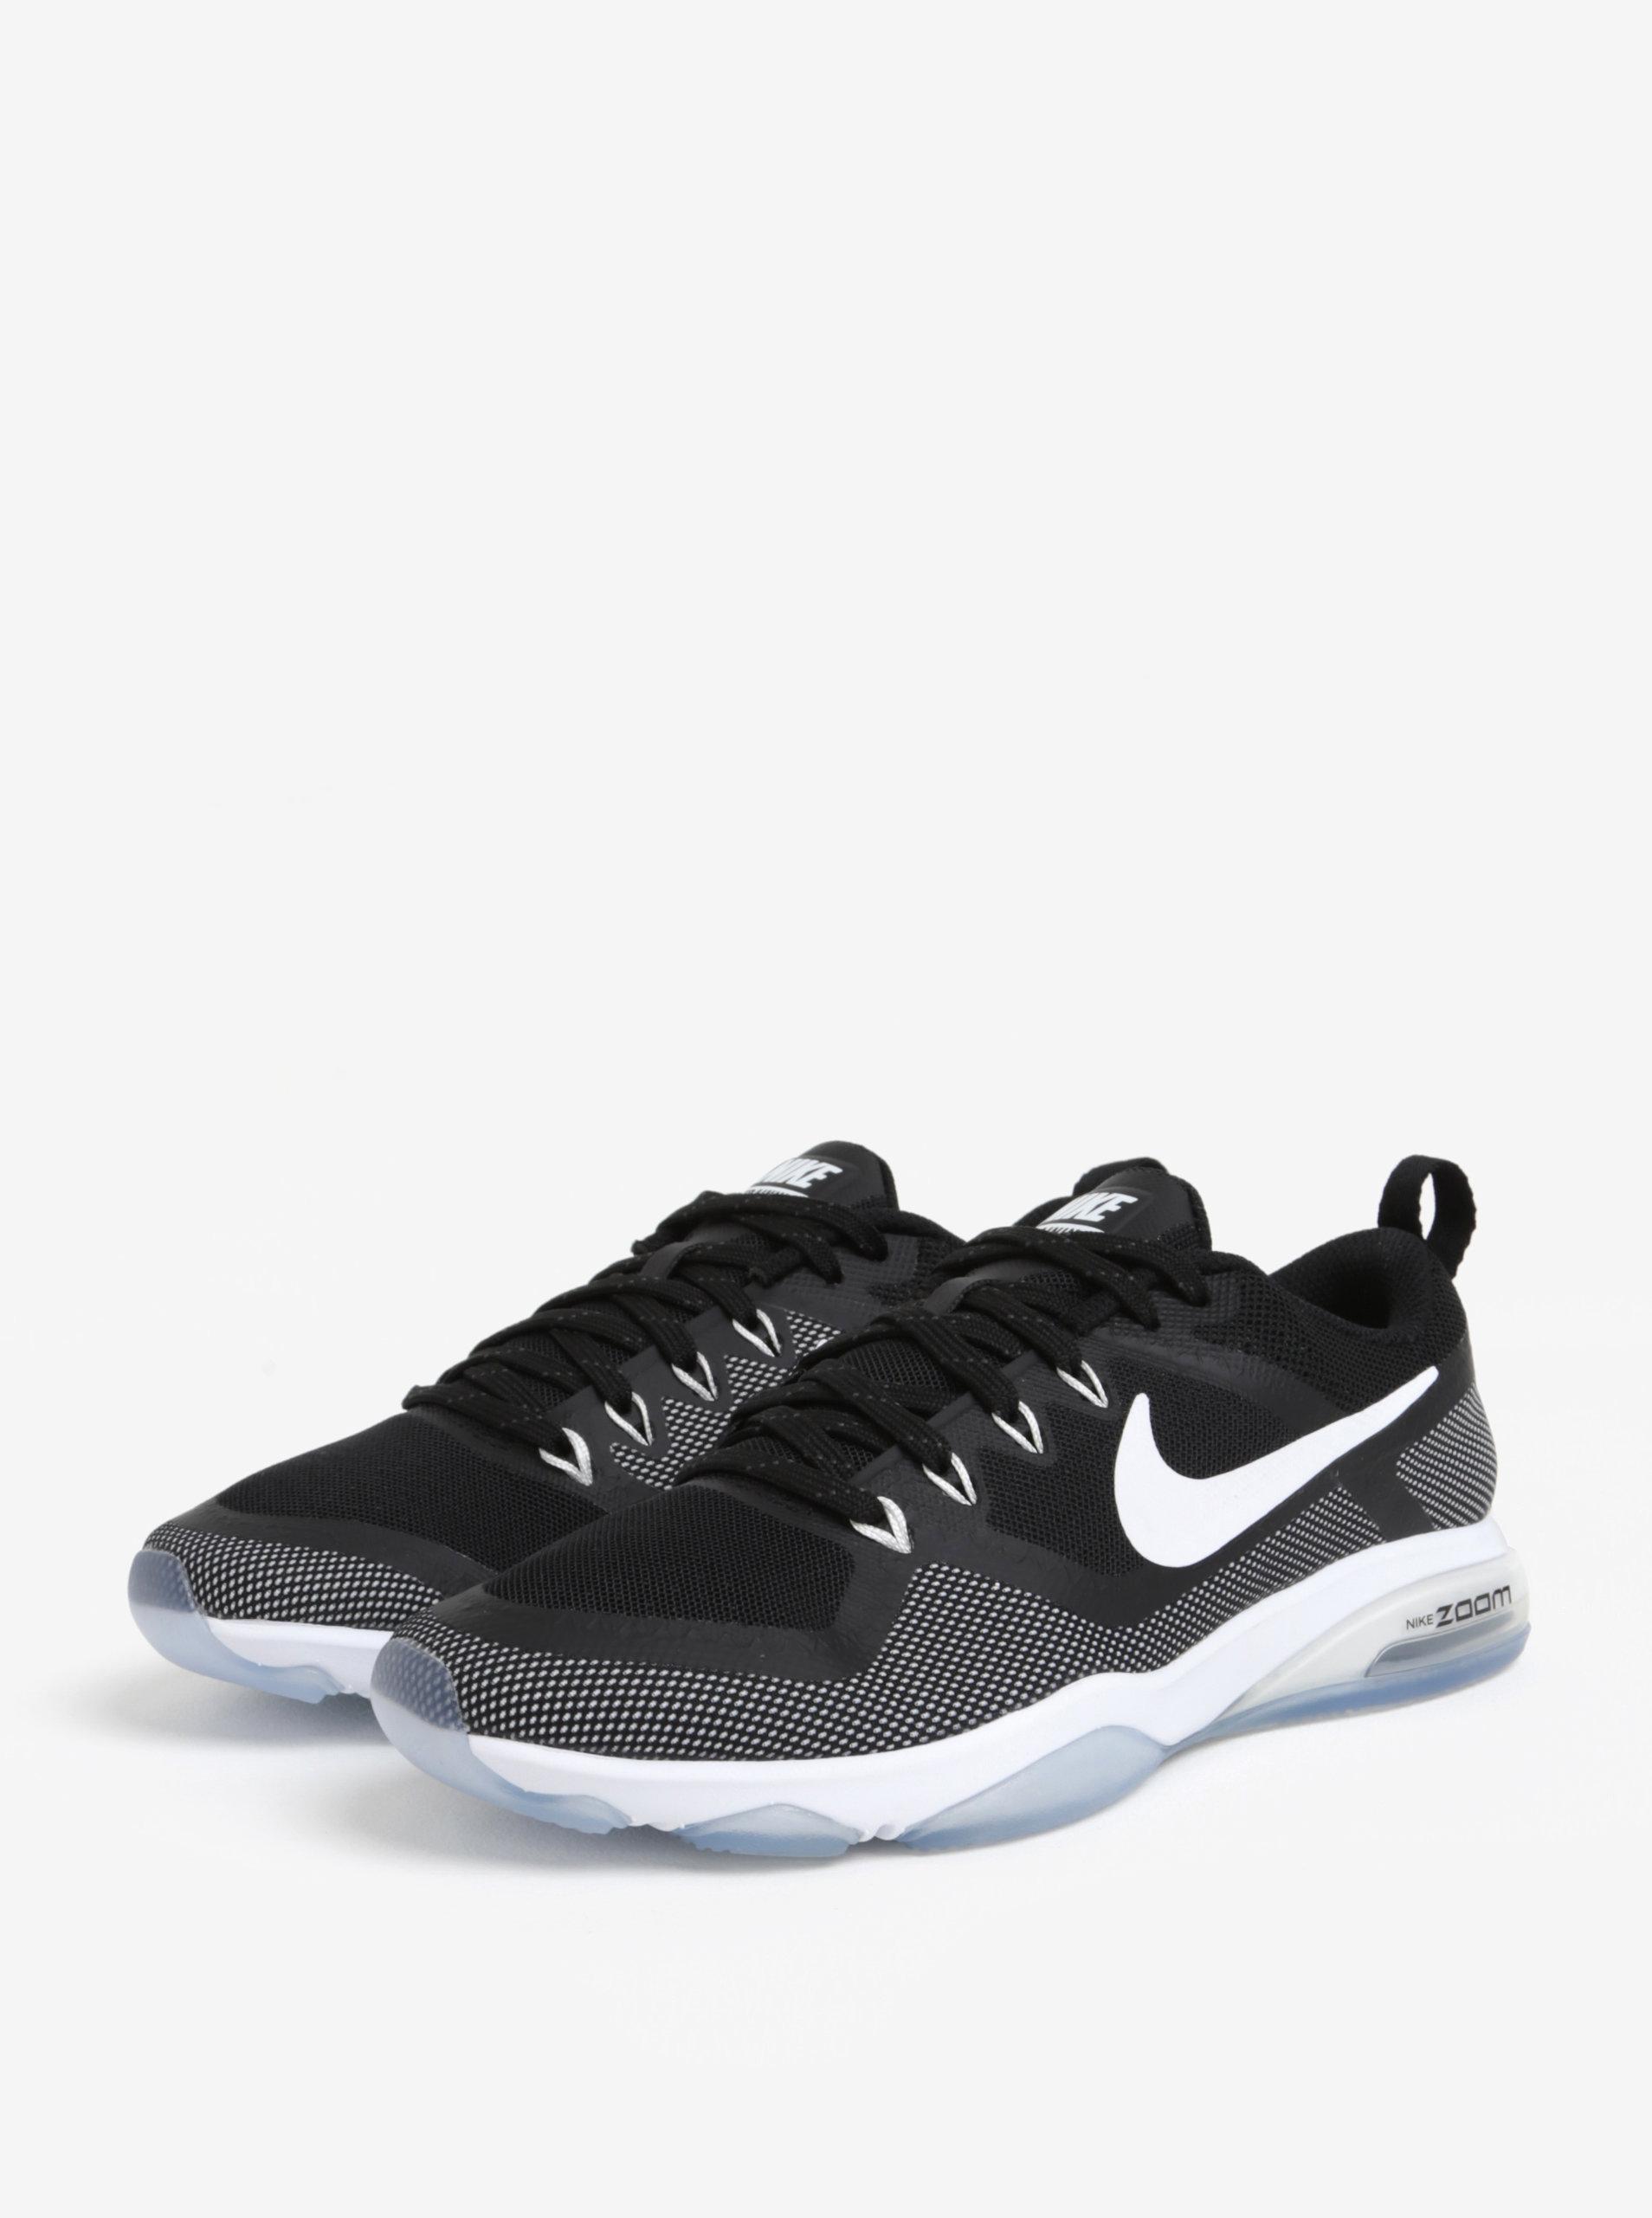 Bílo-černé dámské tenisky Nike Zoom Fitness Training ... 6c41d05236c